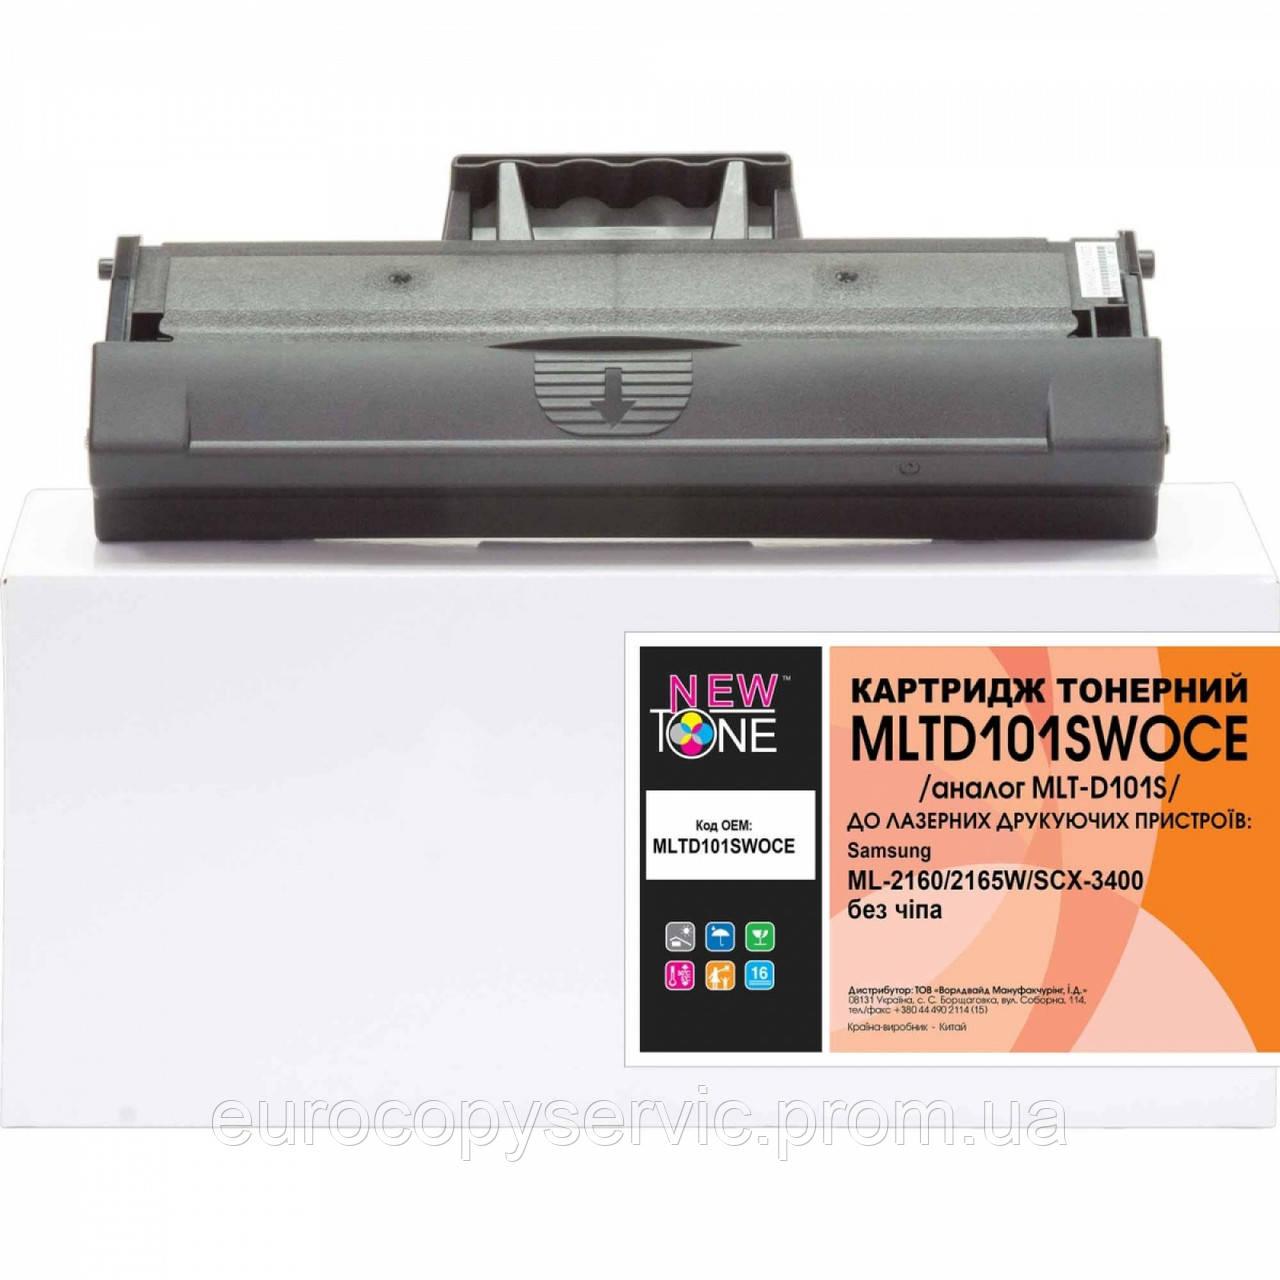 Тонер-картридж NewTone для Samsung ML-2160 / 2165W / SCX-3400 аналог MLT-D101S Black (MLTD101SWOCE)